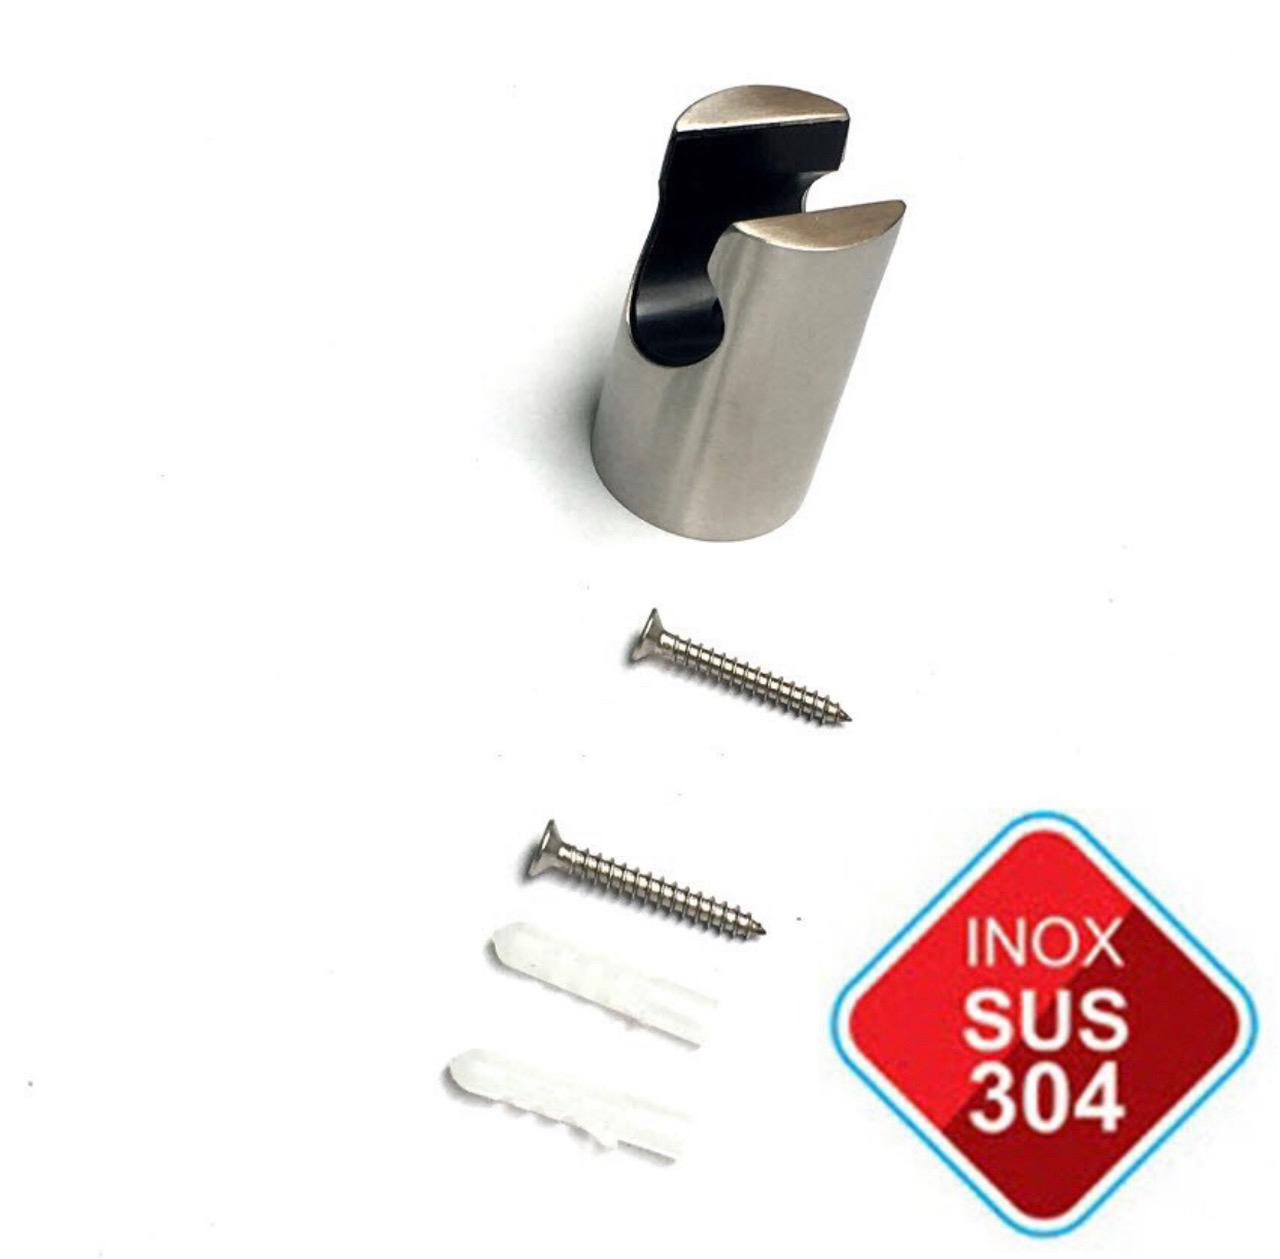 Đầu vòi xịt vệ sinh (toilet) inox SUS 304 + Đế cài vòi xịt Inox 304